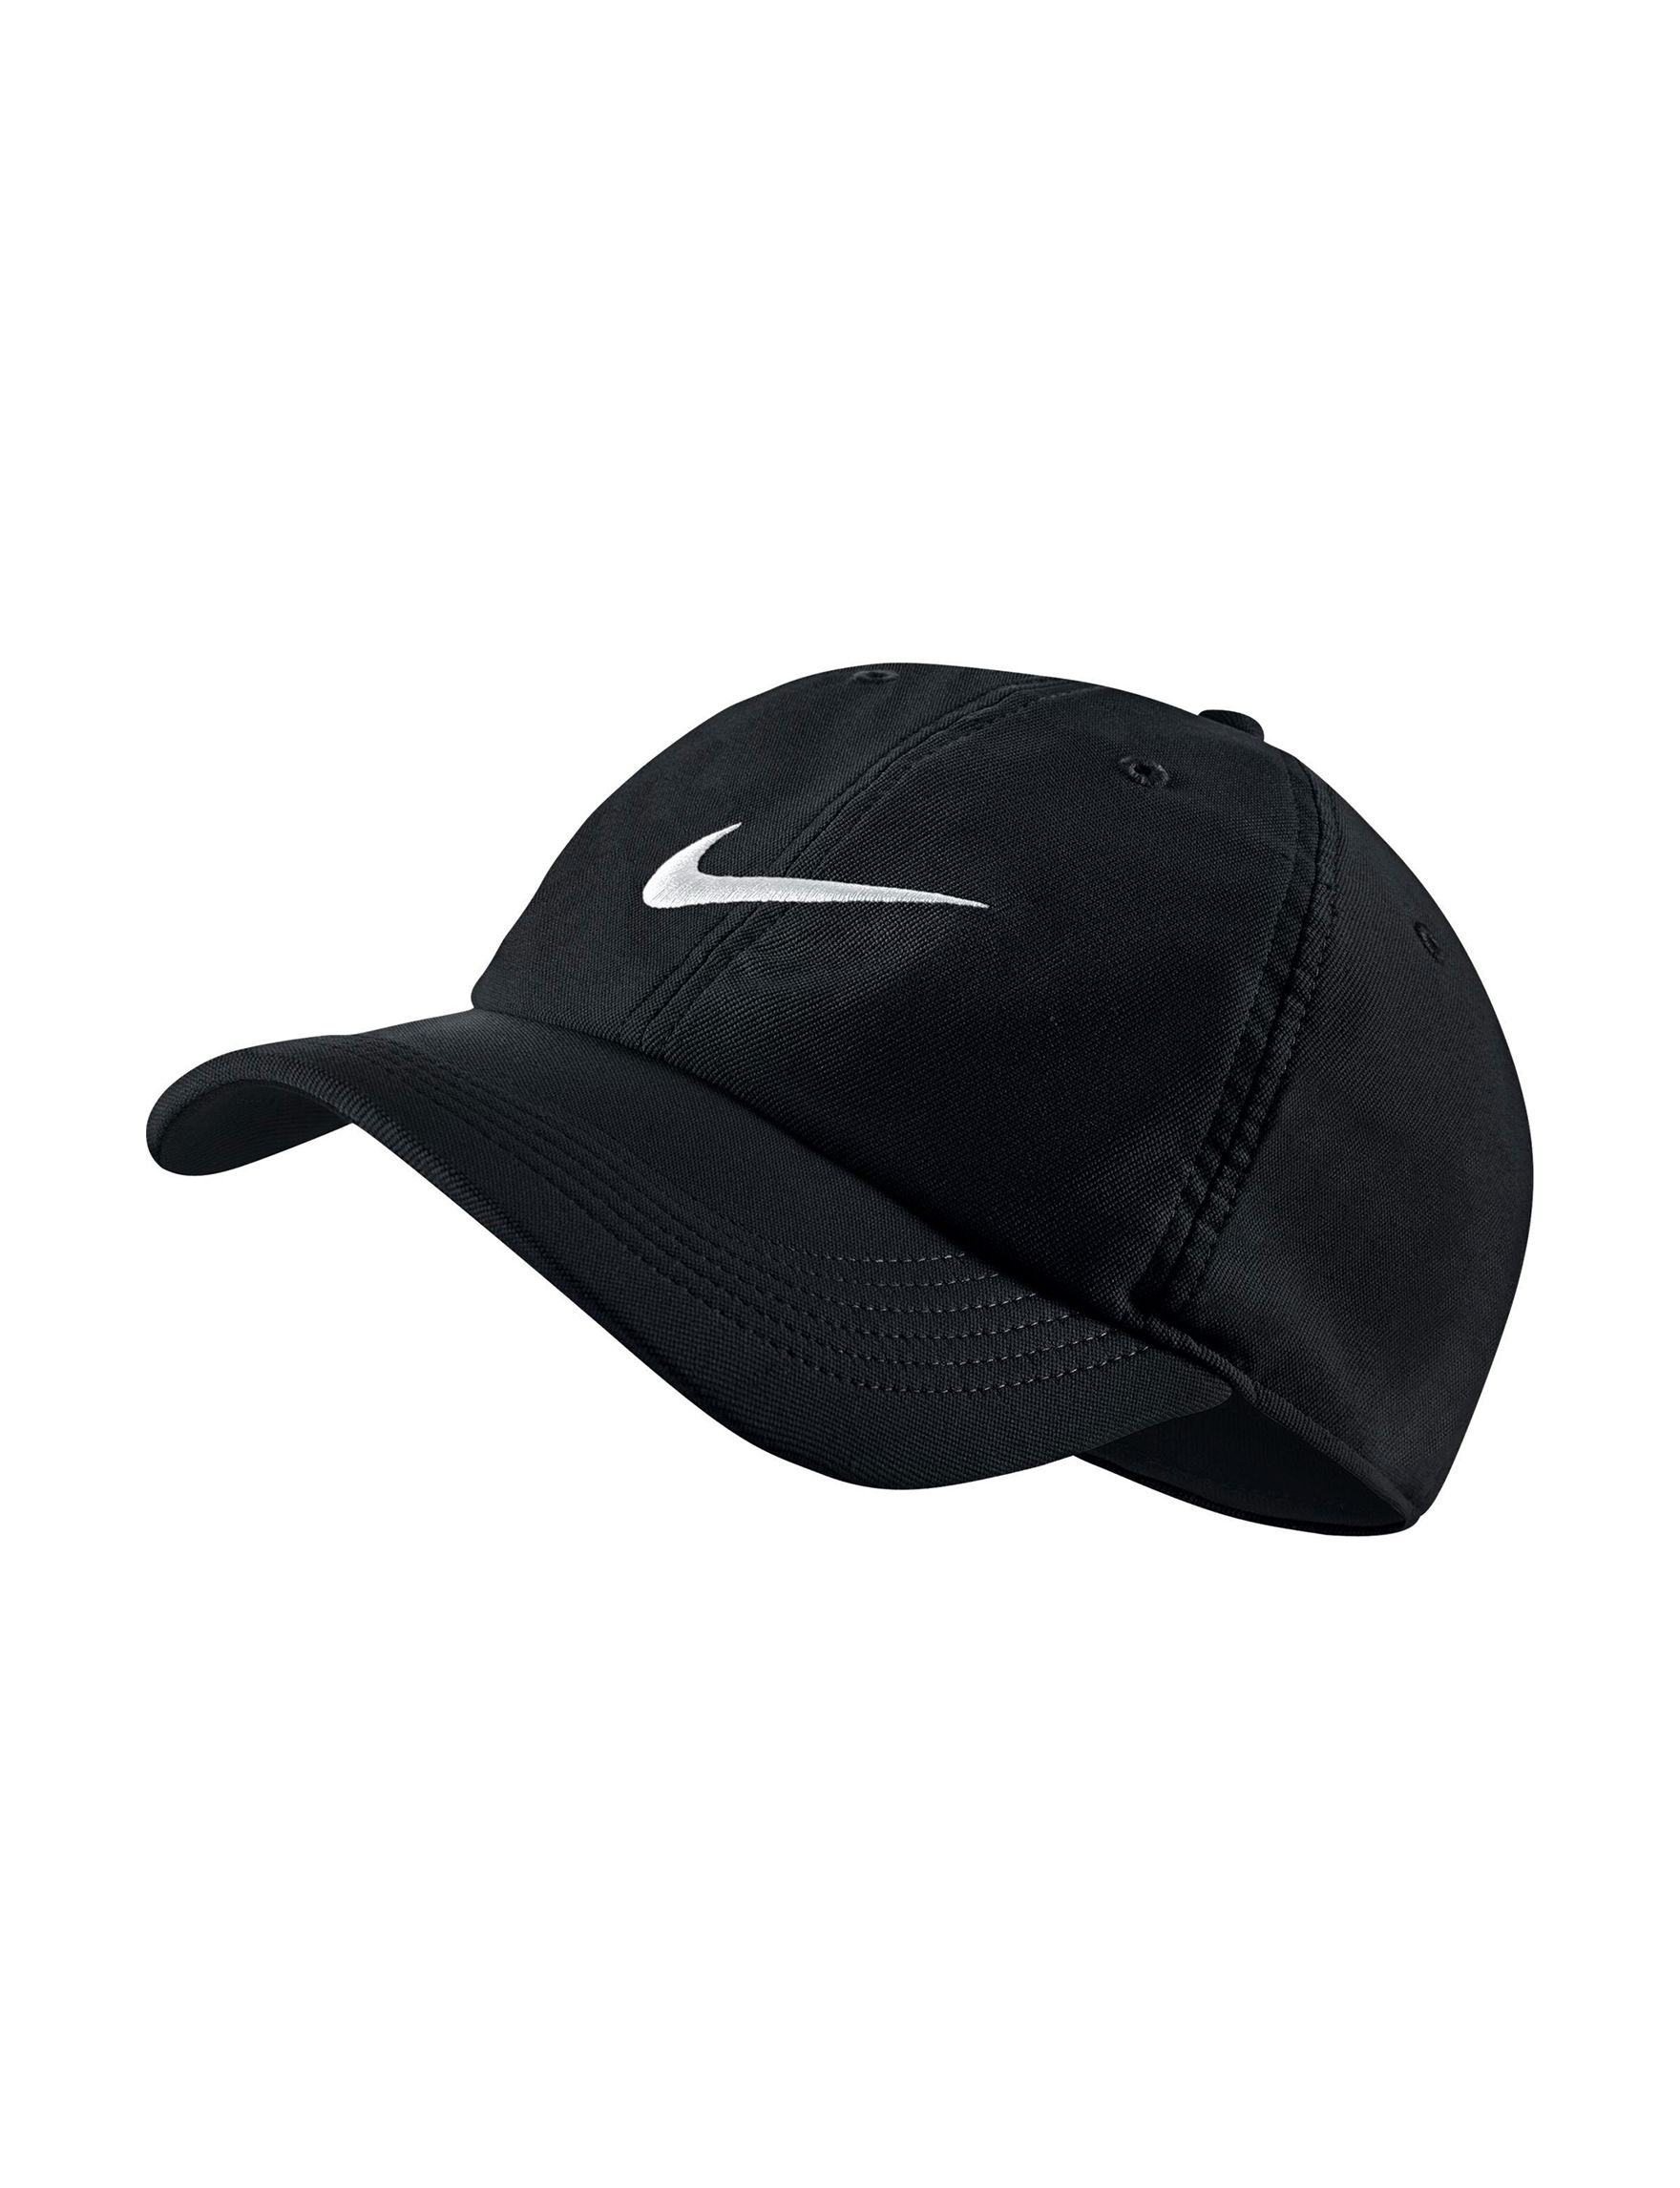 Nike Black Hats & Headwear